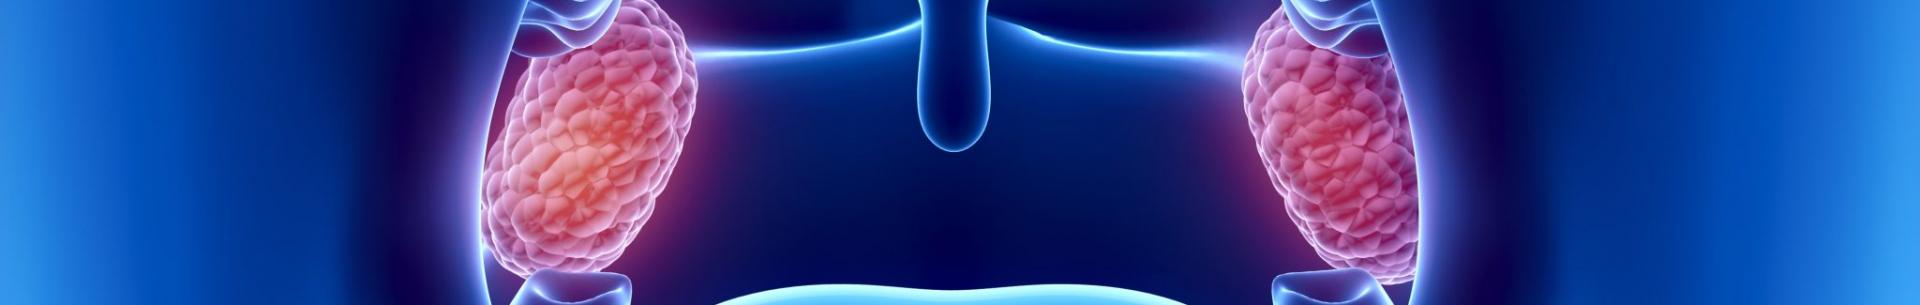 Mezioborové stanovisko kpooperační péči po tonzilotomii nebo tonzilektomii